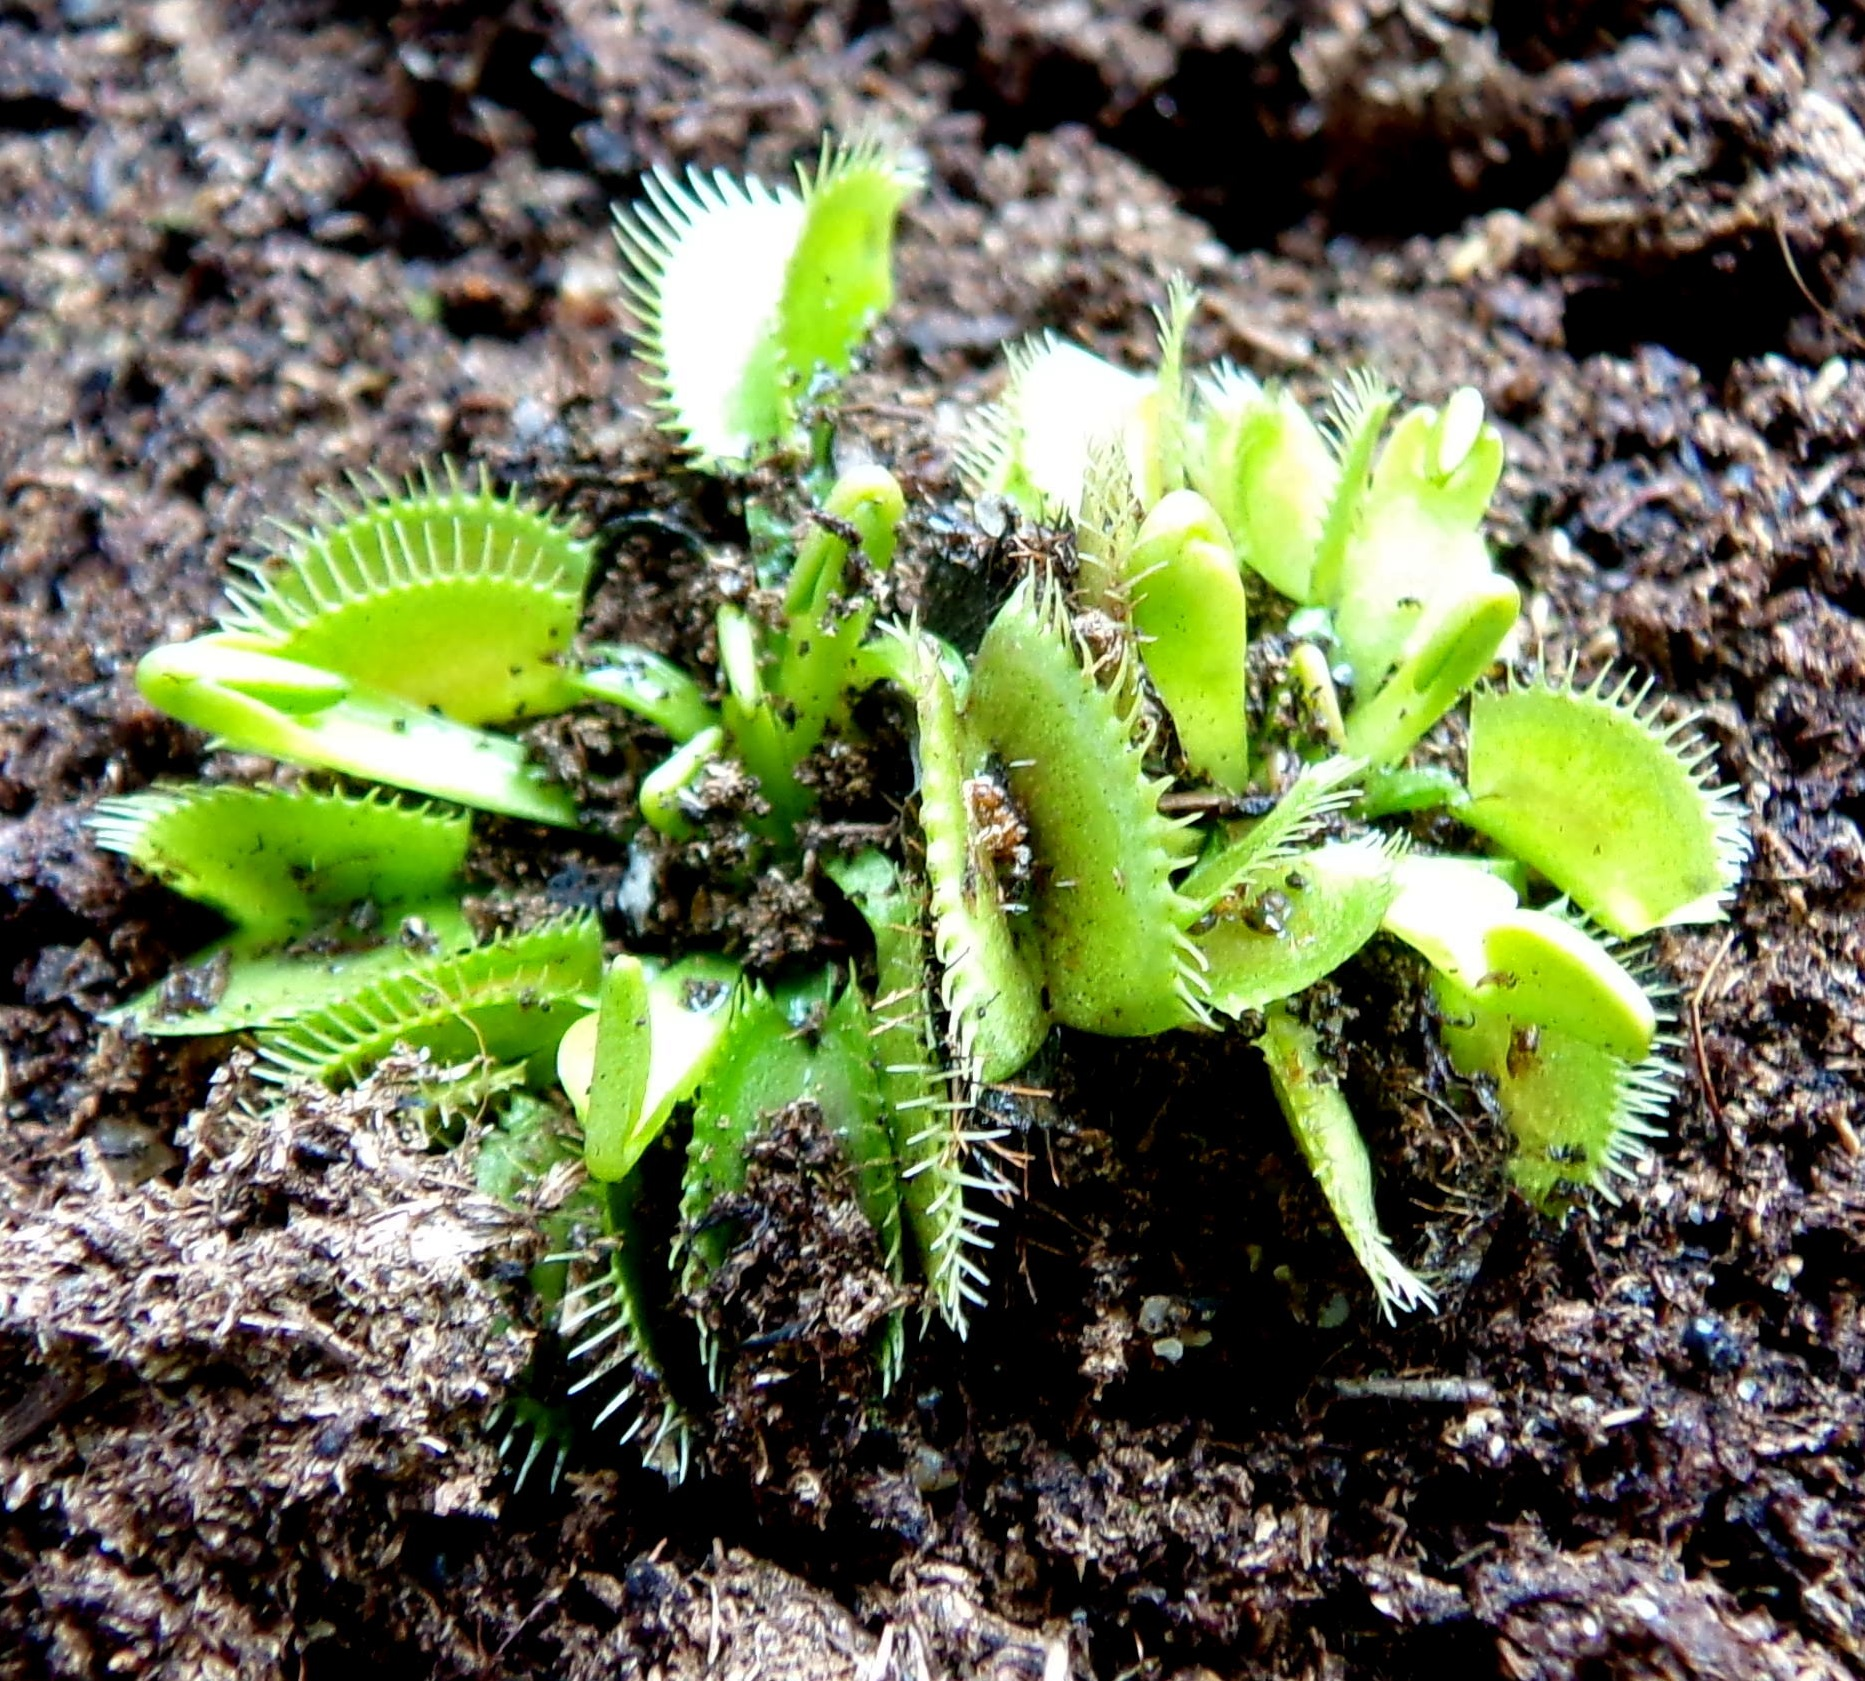 plante carnivore des tourbieres 7 lettres